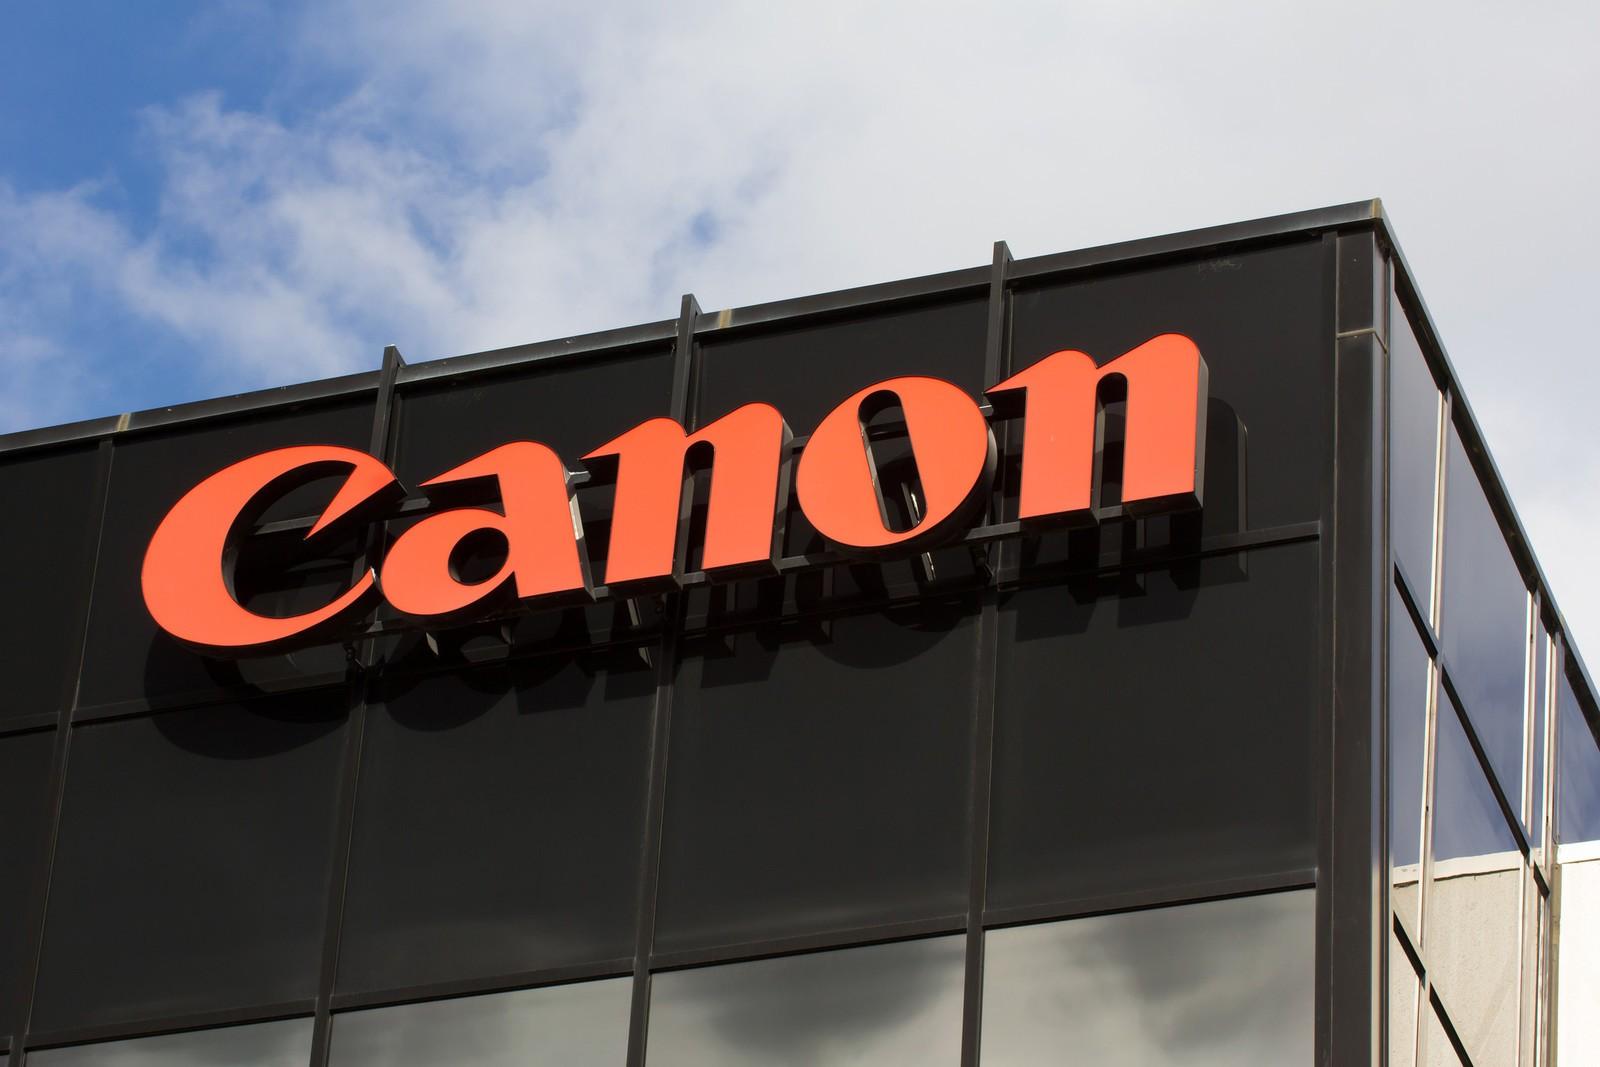 Τέλος εποχής: Η Canon σταματάει την πώληση φωτογραφικών μηχανών με φιλμ